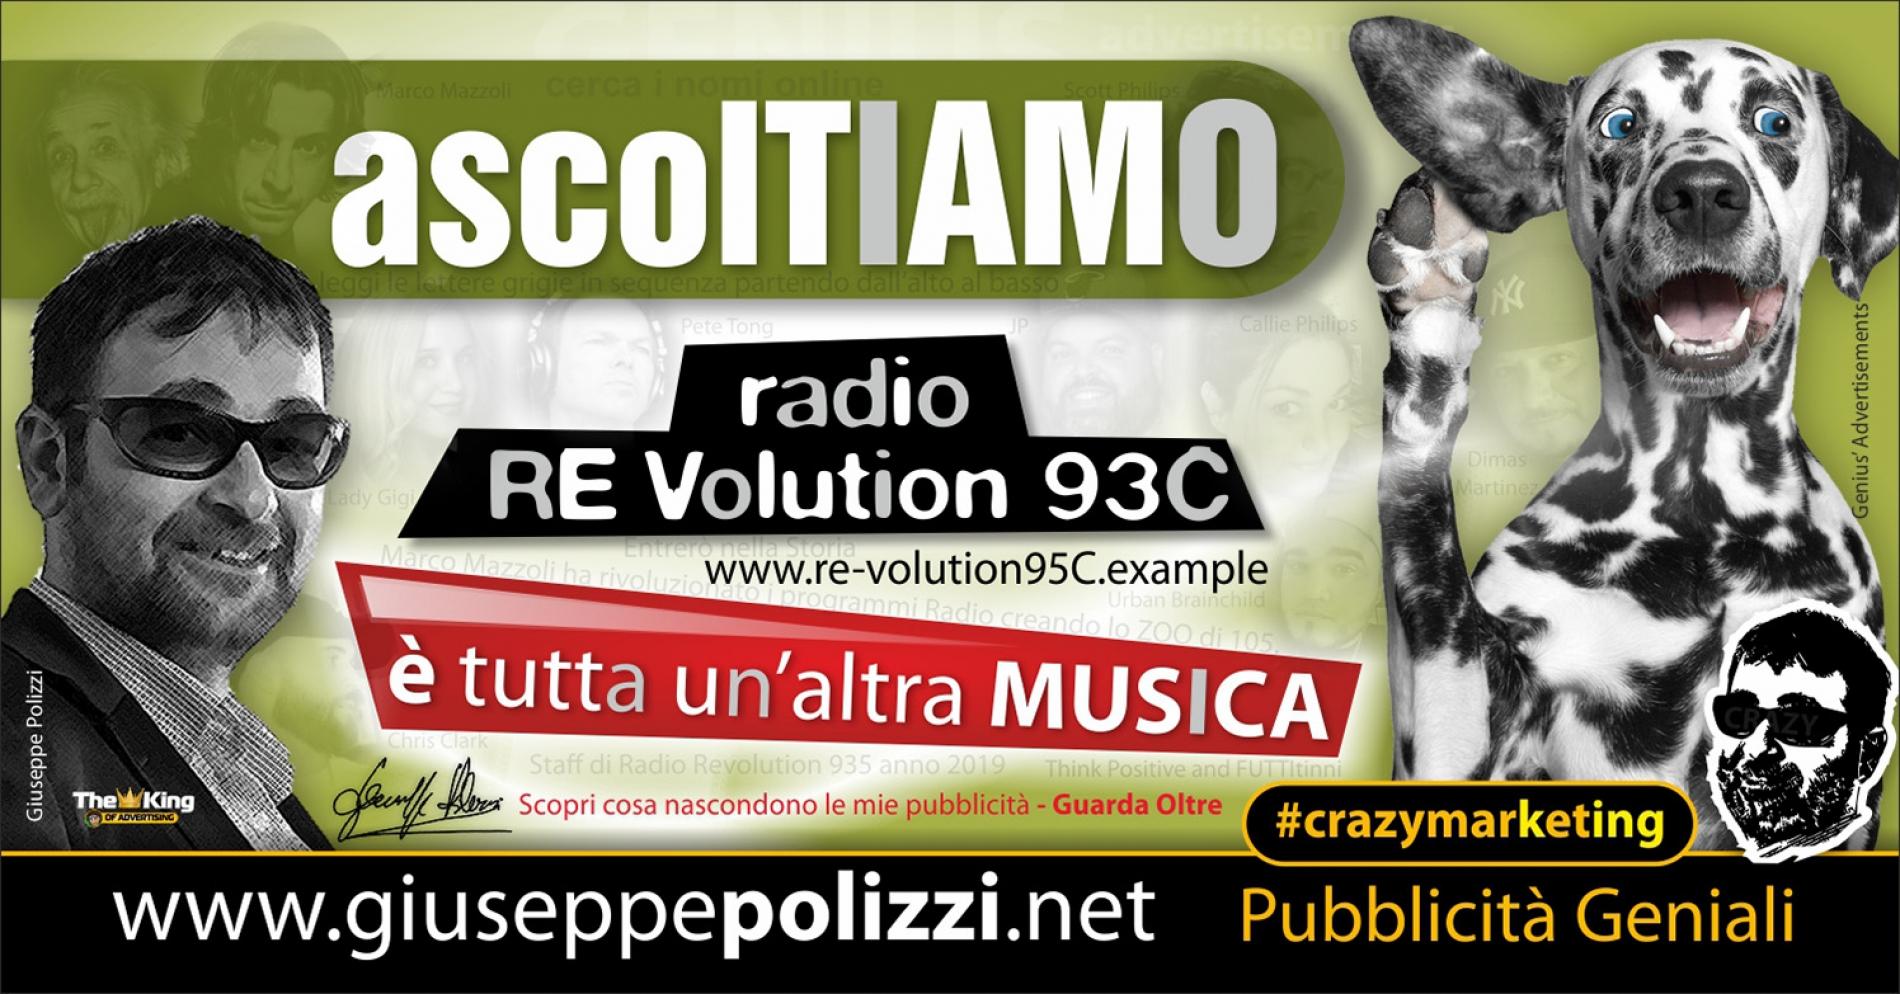 giuseppe Polizzi crazymarketing ascolTIAMO pubblicità geniali